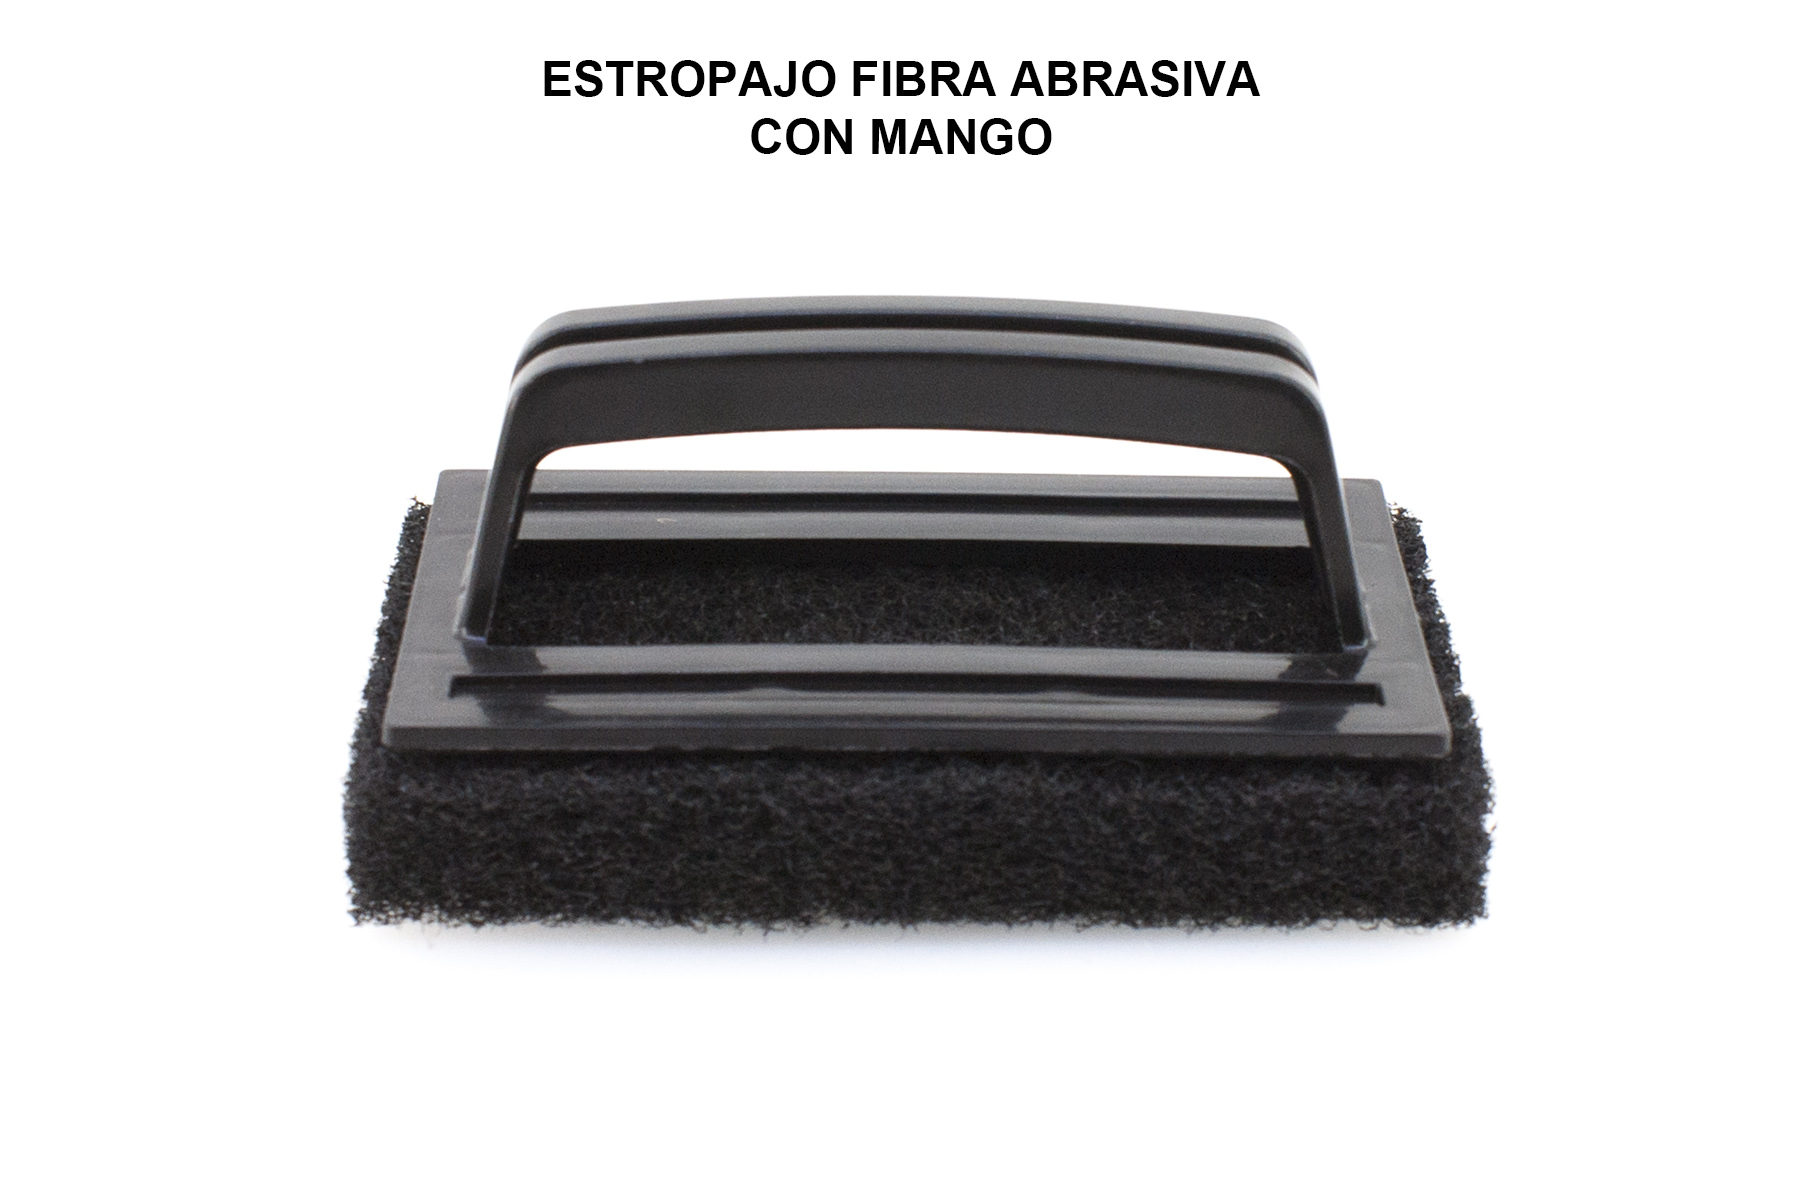 ESTROPAJO FIBRA ABRASIVA CON MANGO